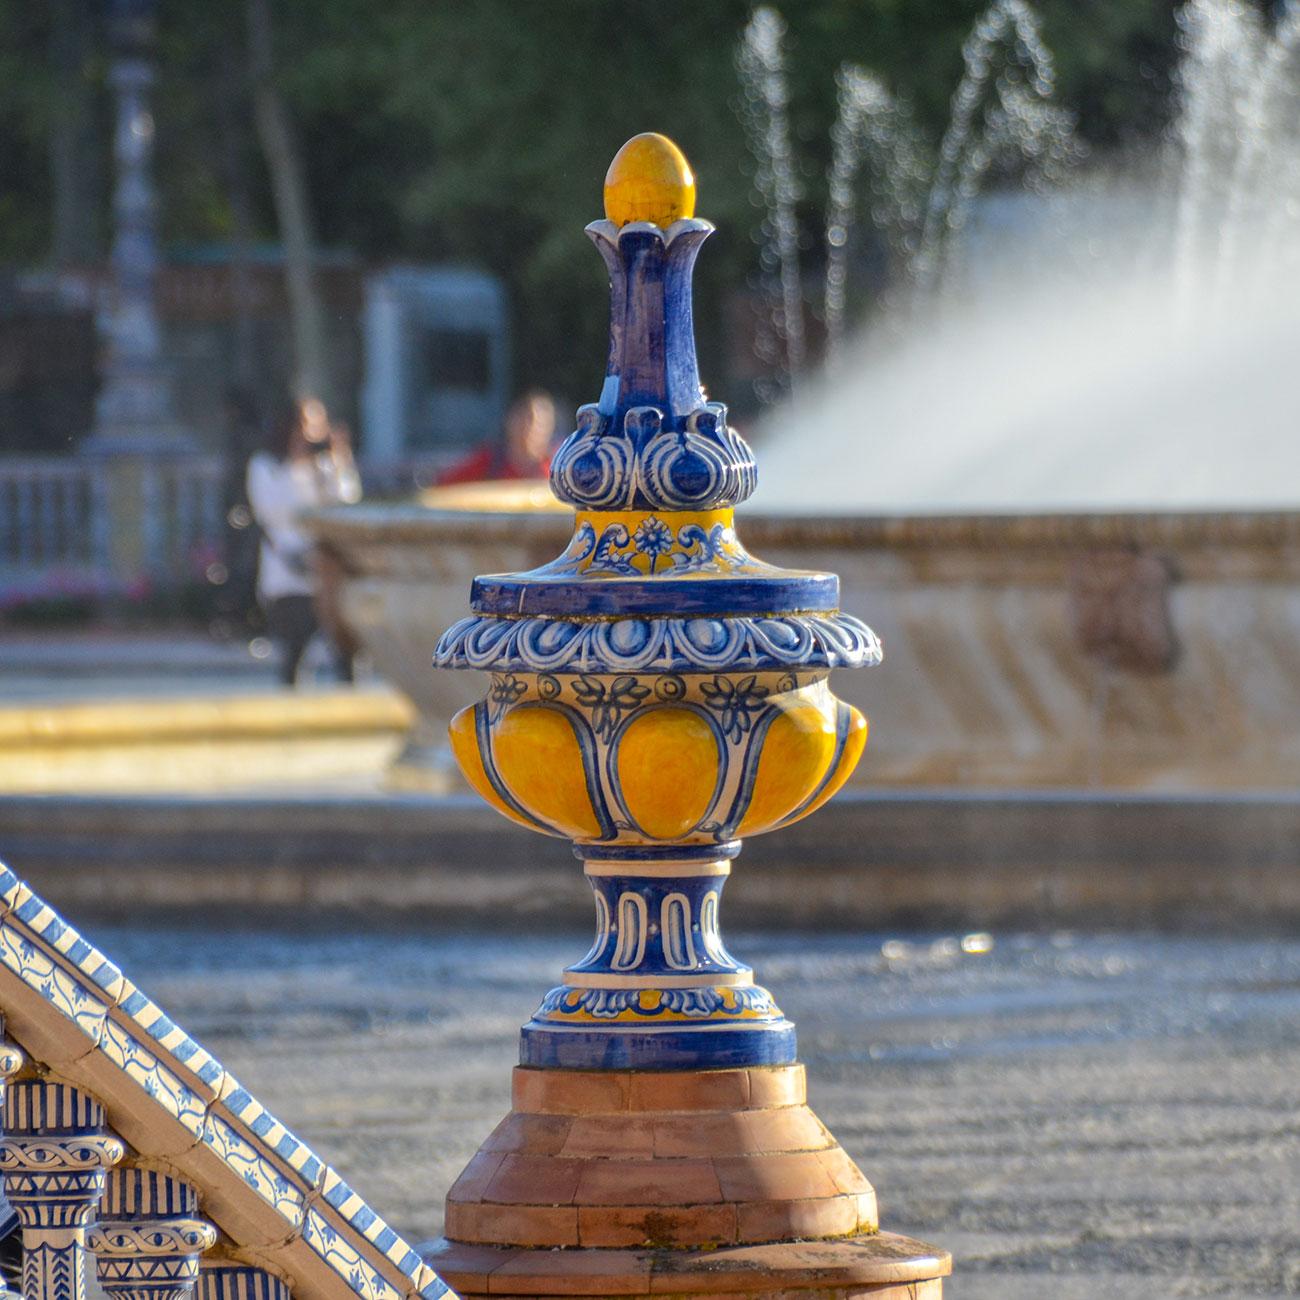 ceramique-place-espagne-seville-2